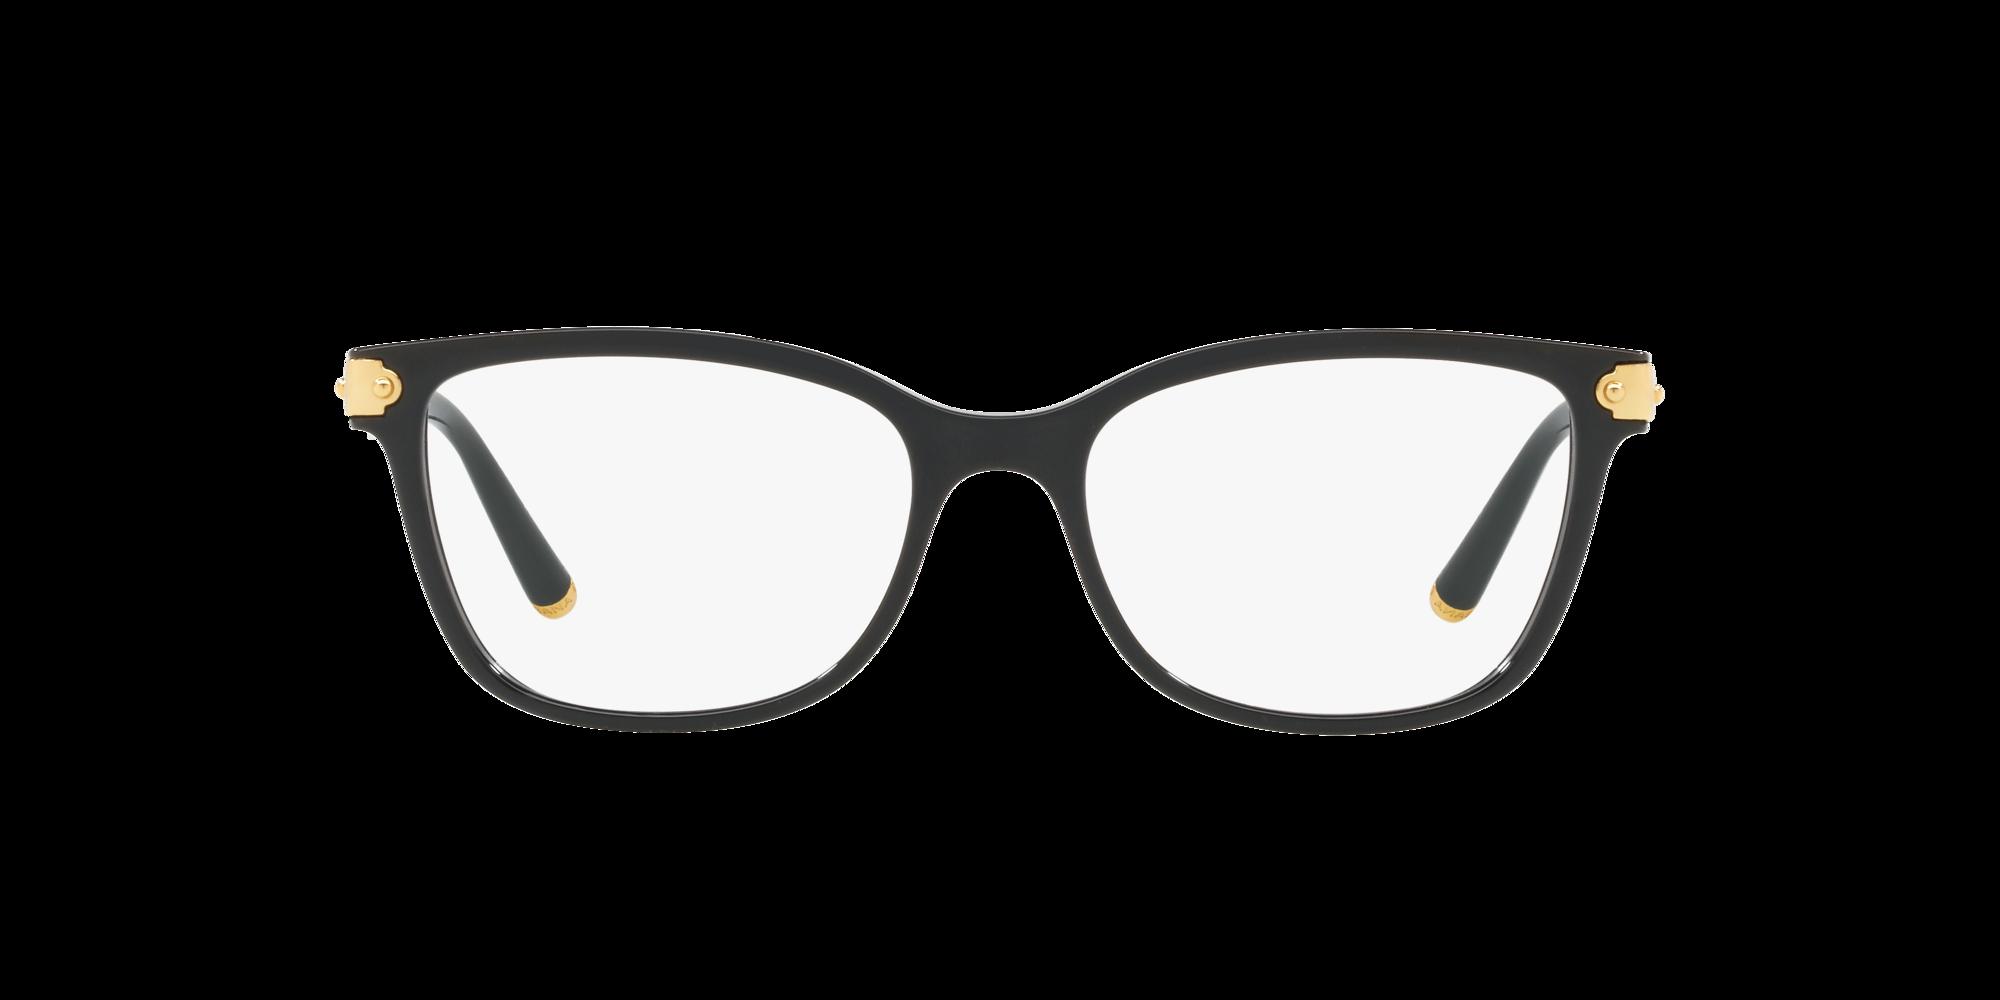 Imagen para DG5036 de LensCrafters |  Espejuelos, espejuelos graduados en línea, gafas